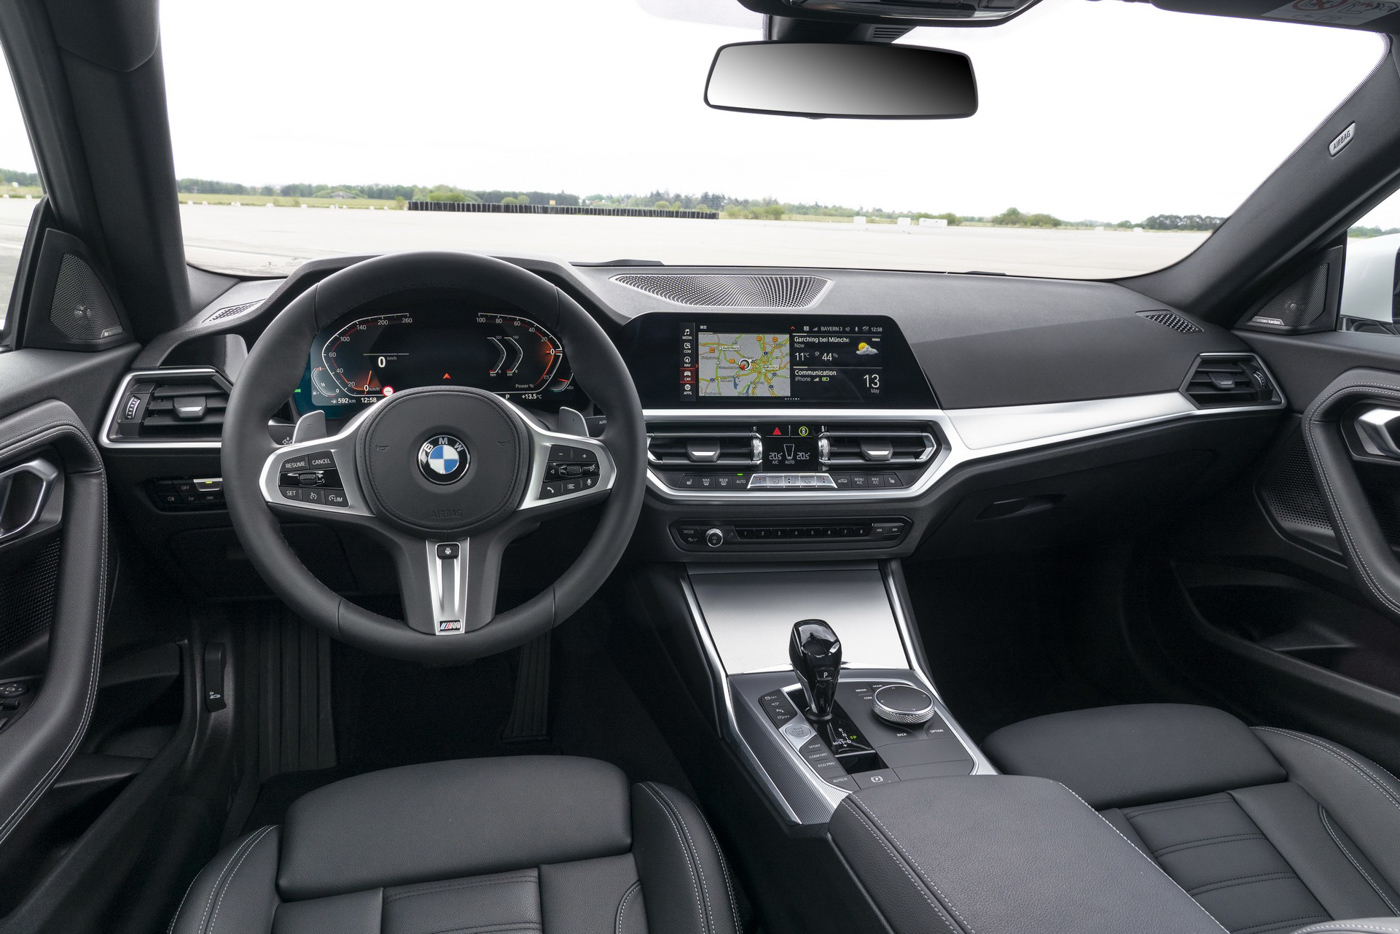 BMW-2-series-2022-ra-mắt-với-giá-bán-từ-36350-usd-22.jpg